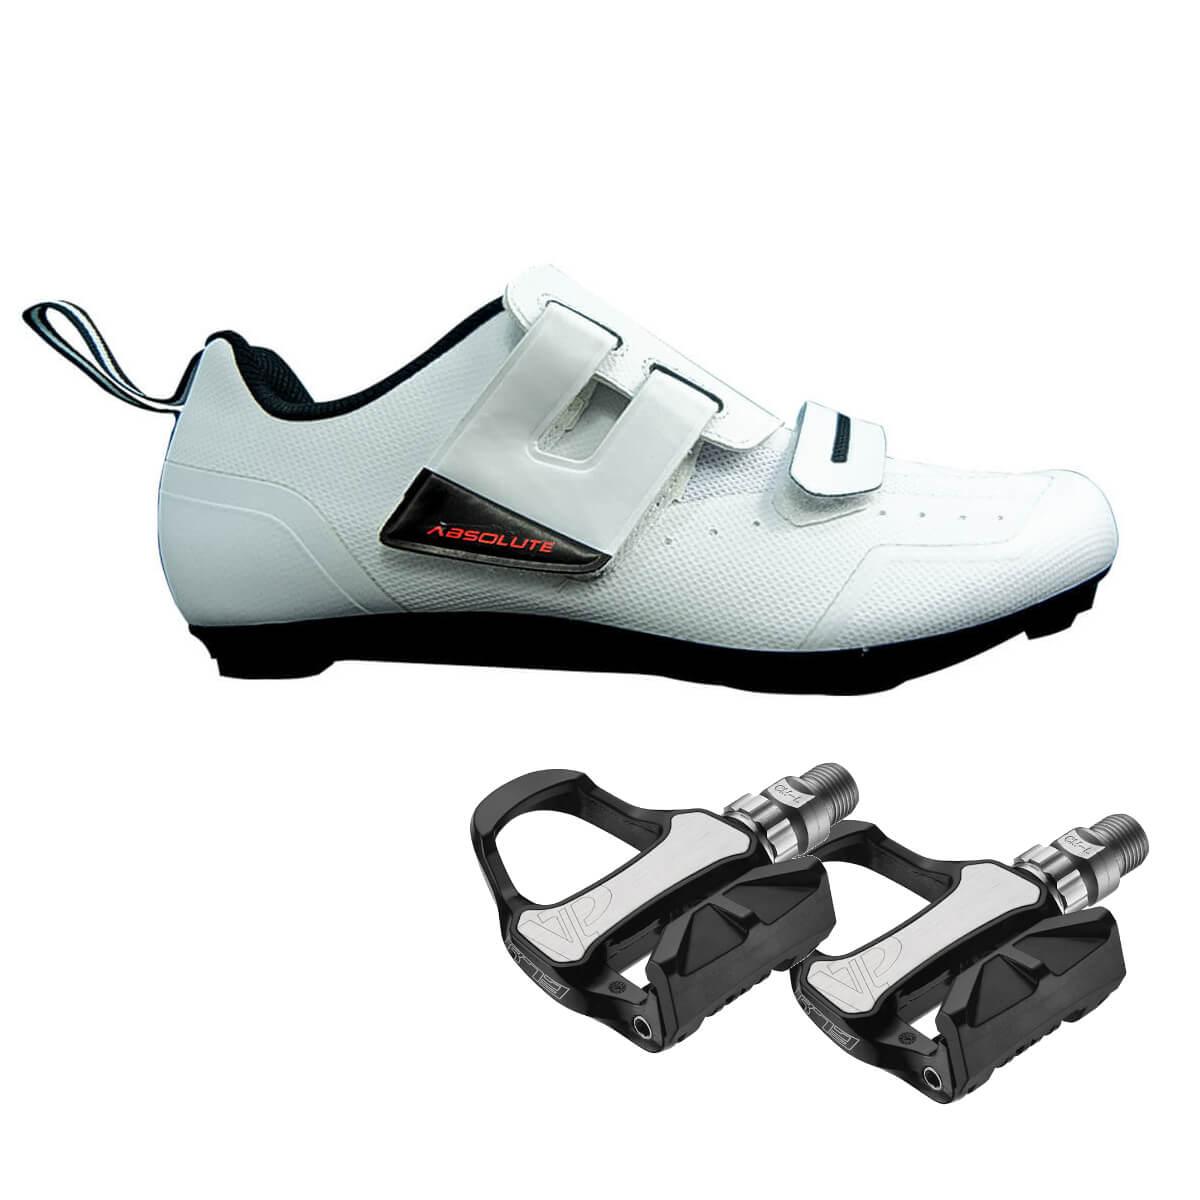 Sapatilha Triathlon Speed Absolute Triton 37 BR + Pedal R73H